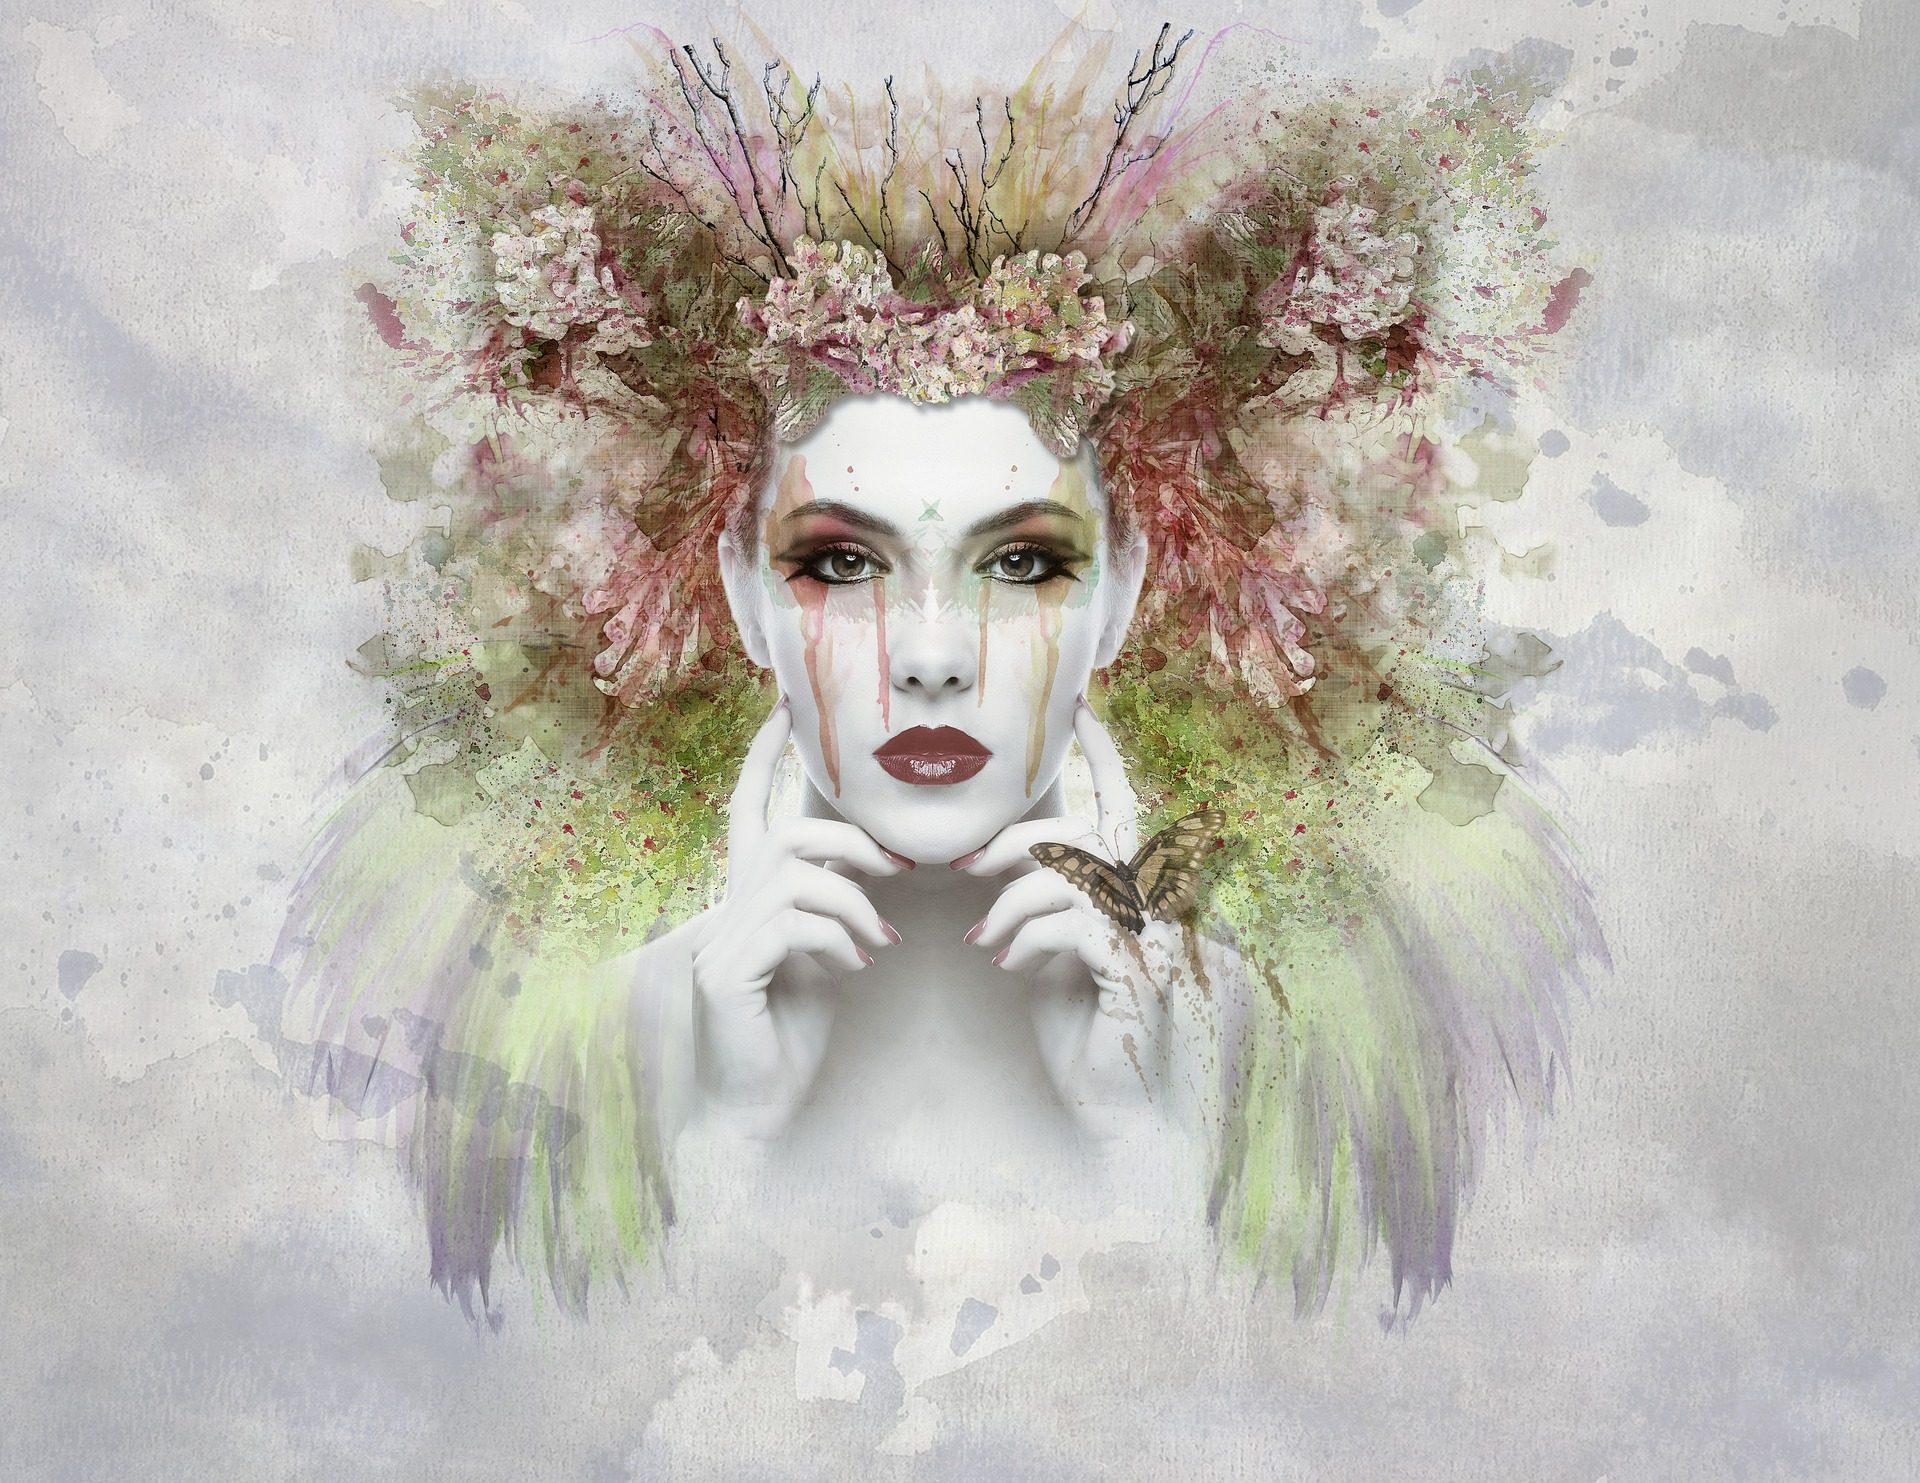 脸上, 女人, 化妆, 服装, 绘画, 艺术 - 高清壁纸 - 教授-falken.com